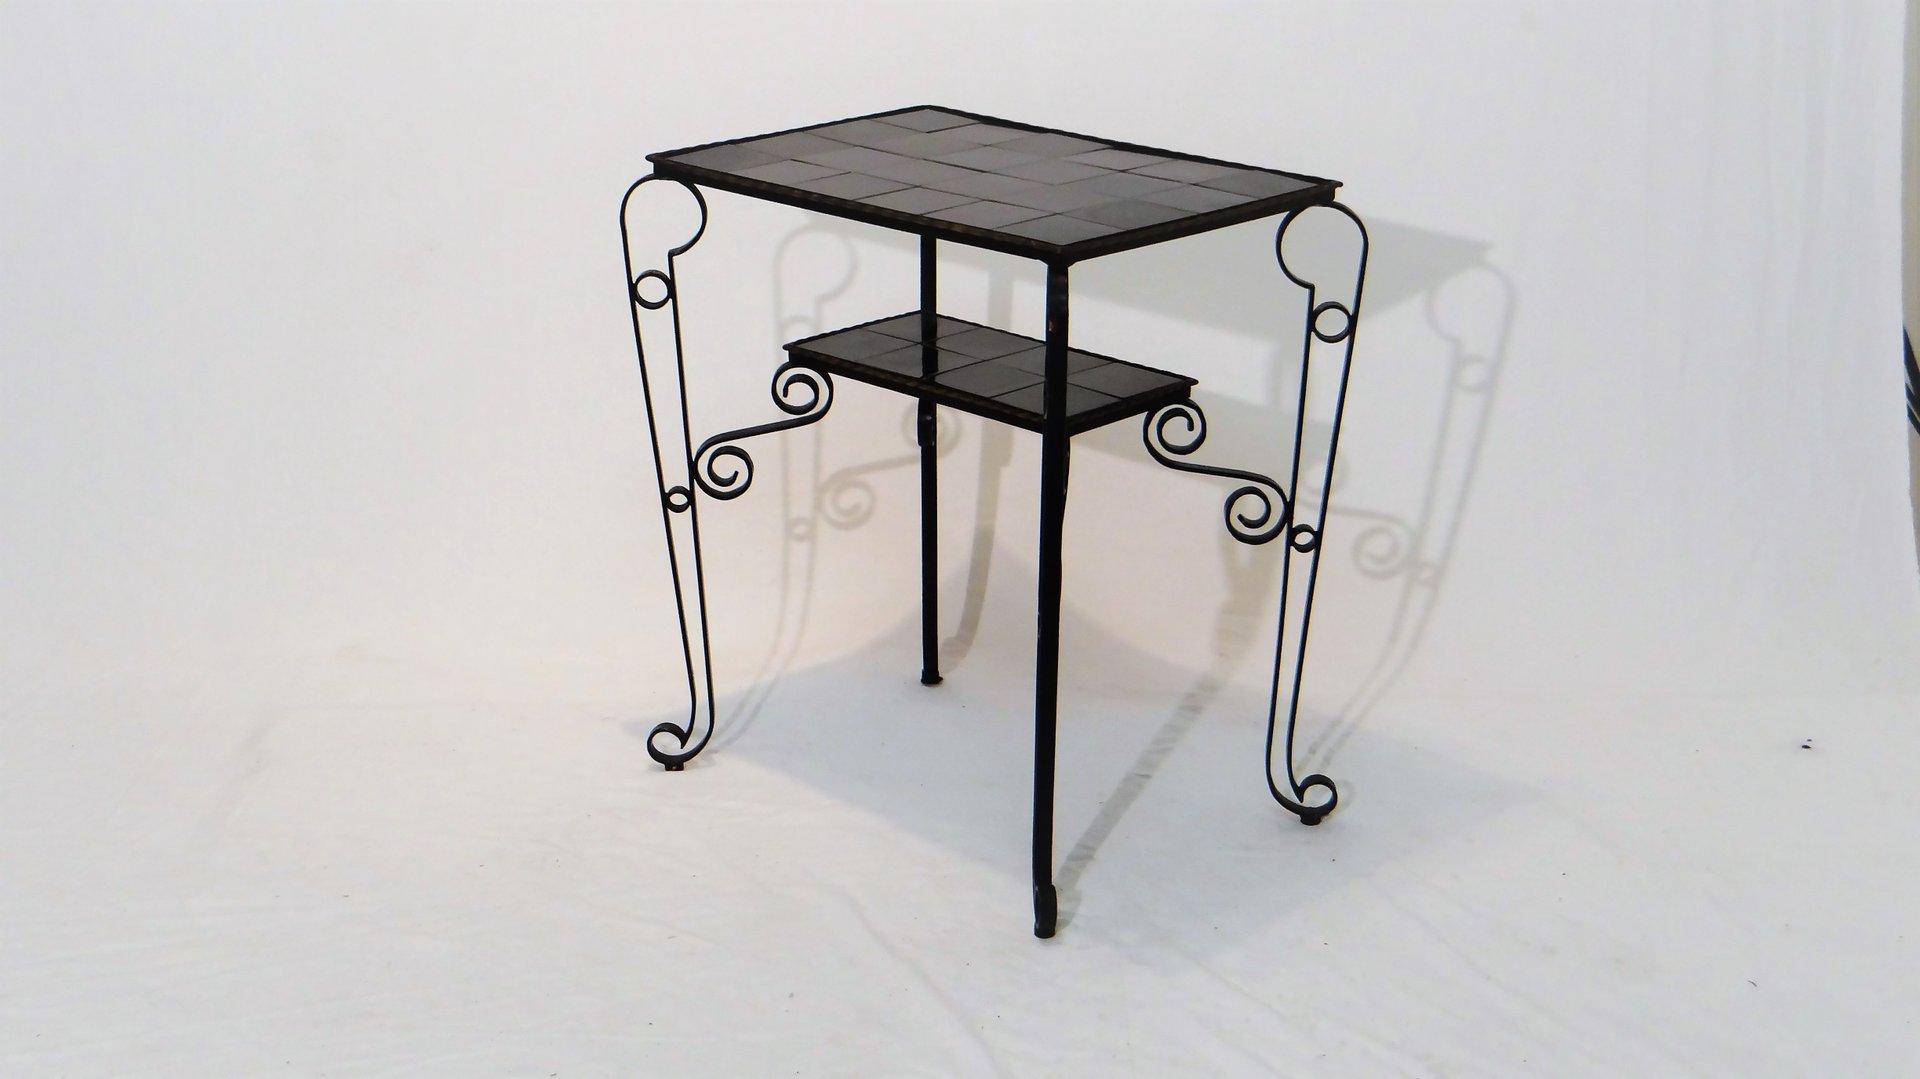 Tavolino vintage con mattonelle nere e gambe in ferro in vendita su